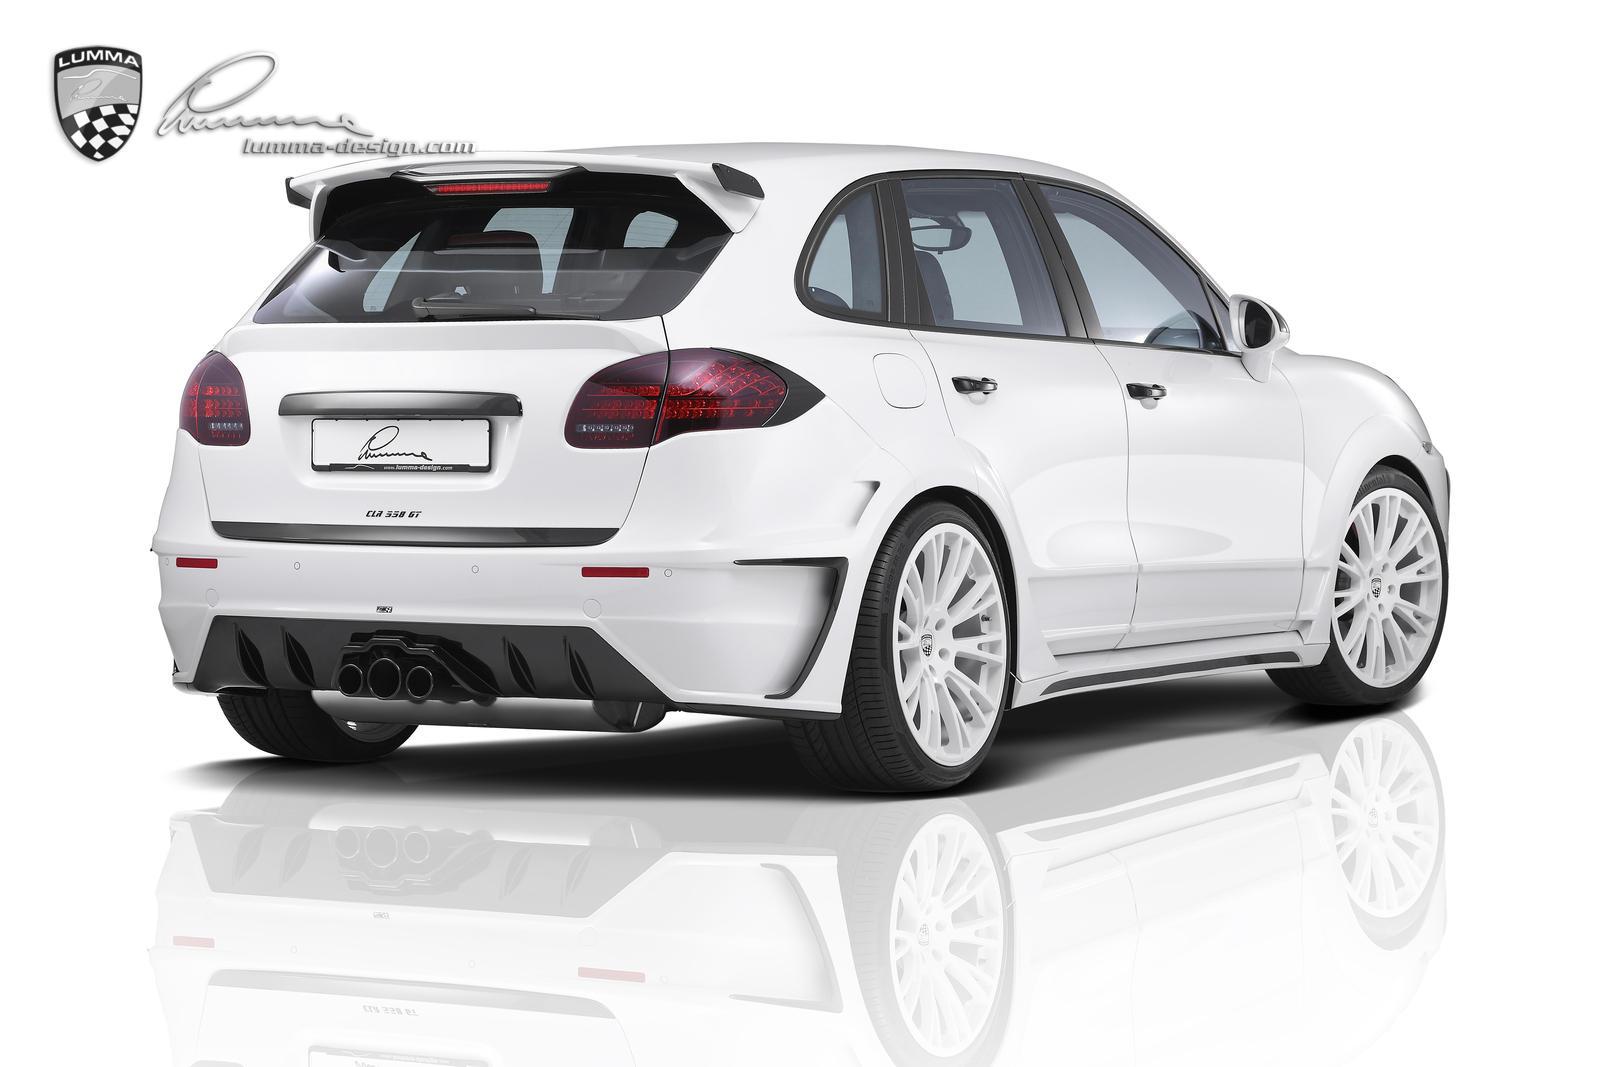 http://www.automobilesreview.com/img/lumma-design-porsche-cayenne-s-clr-558-gt/lumma-design-porsche-cayenne-s-clr-558-gt-04.jpg